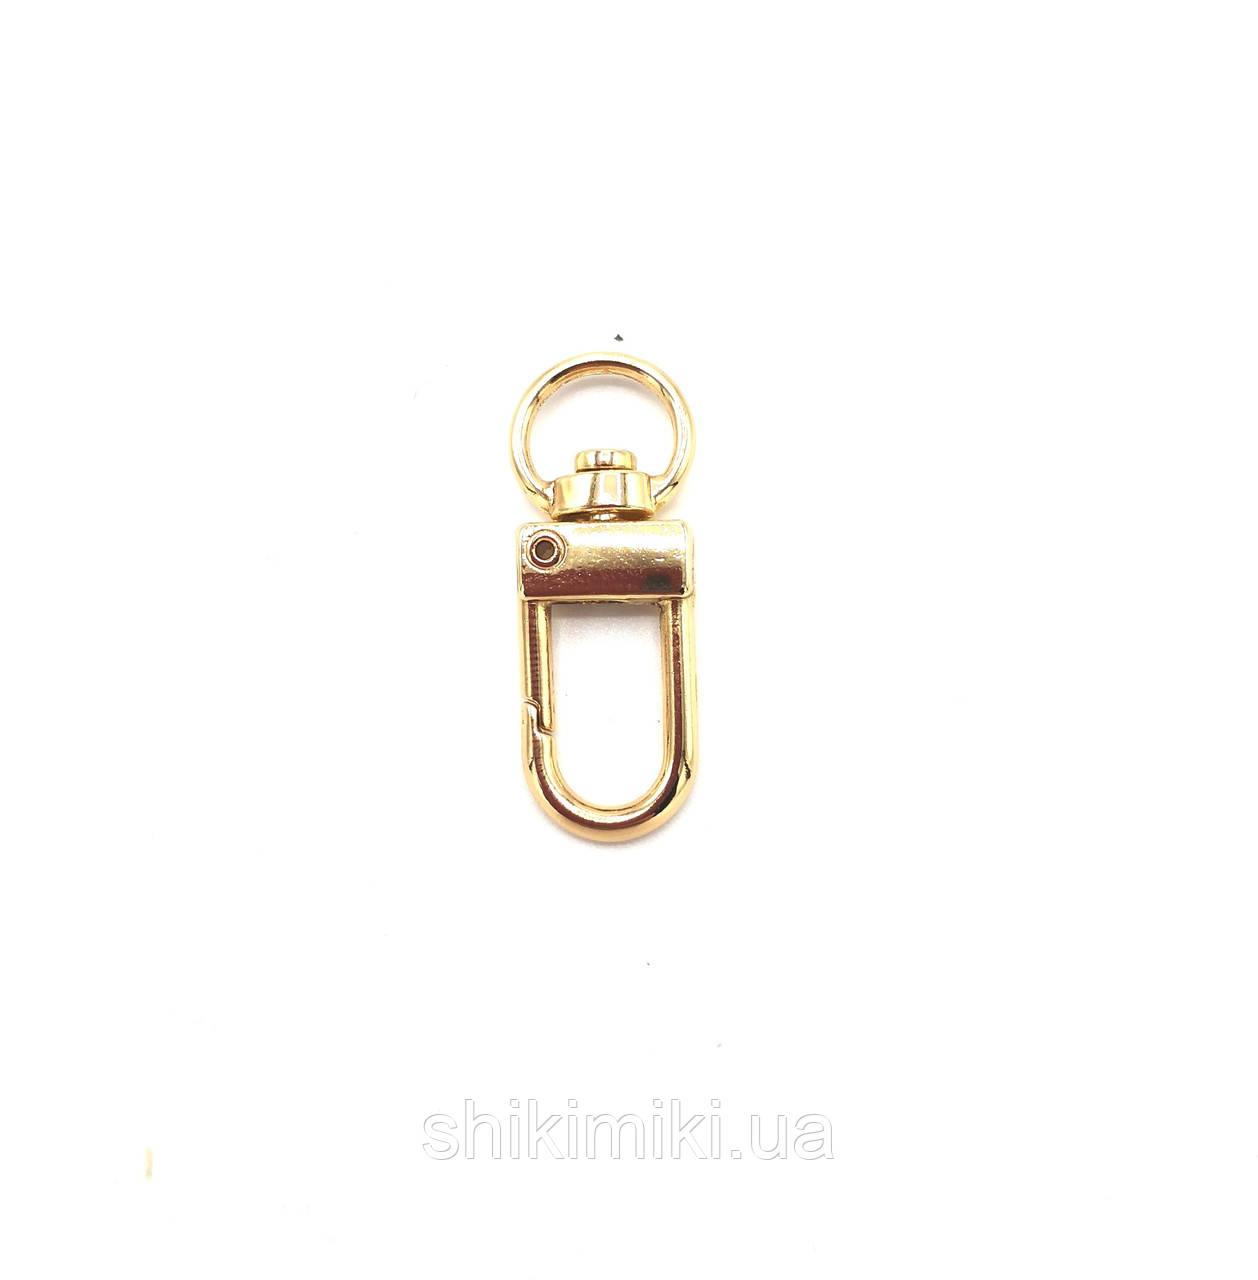 Карабин для сумок KR34-3 (10 мм), цвет золото